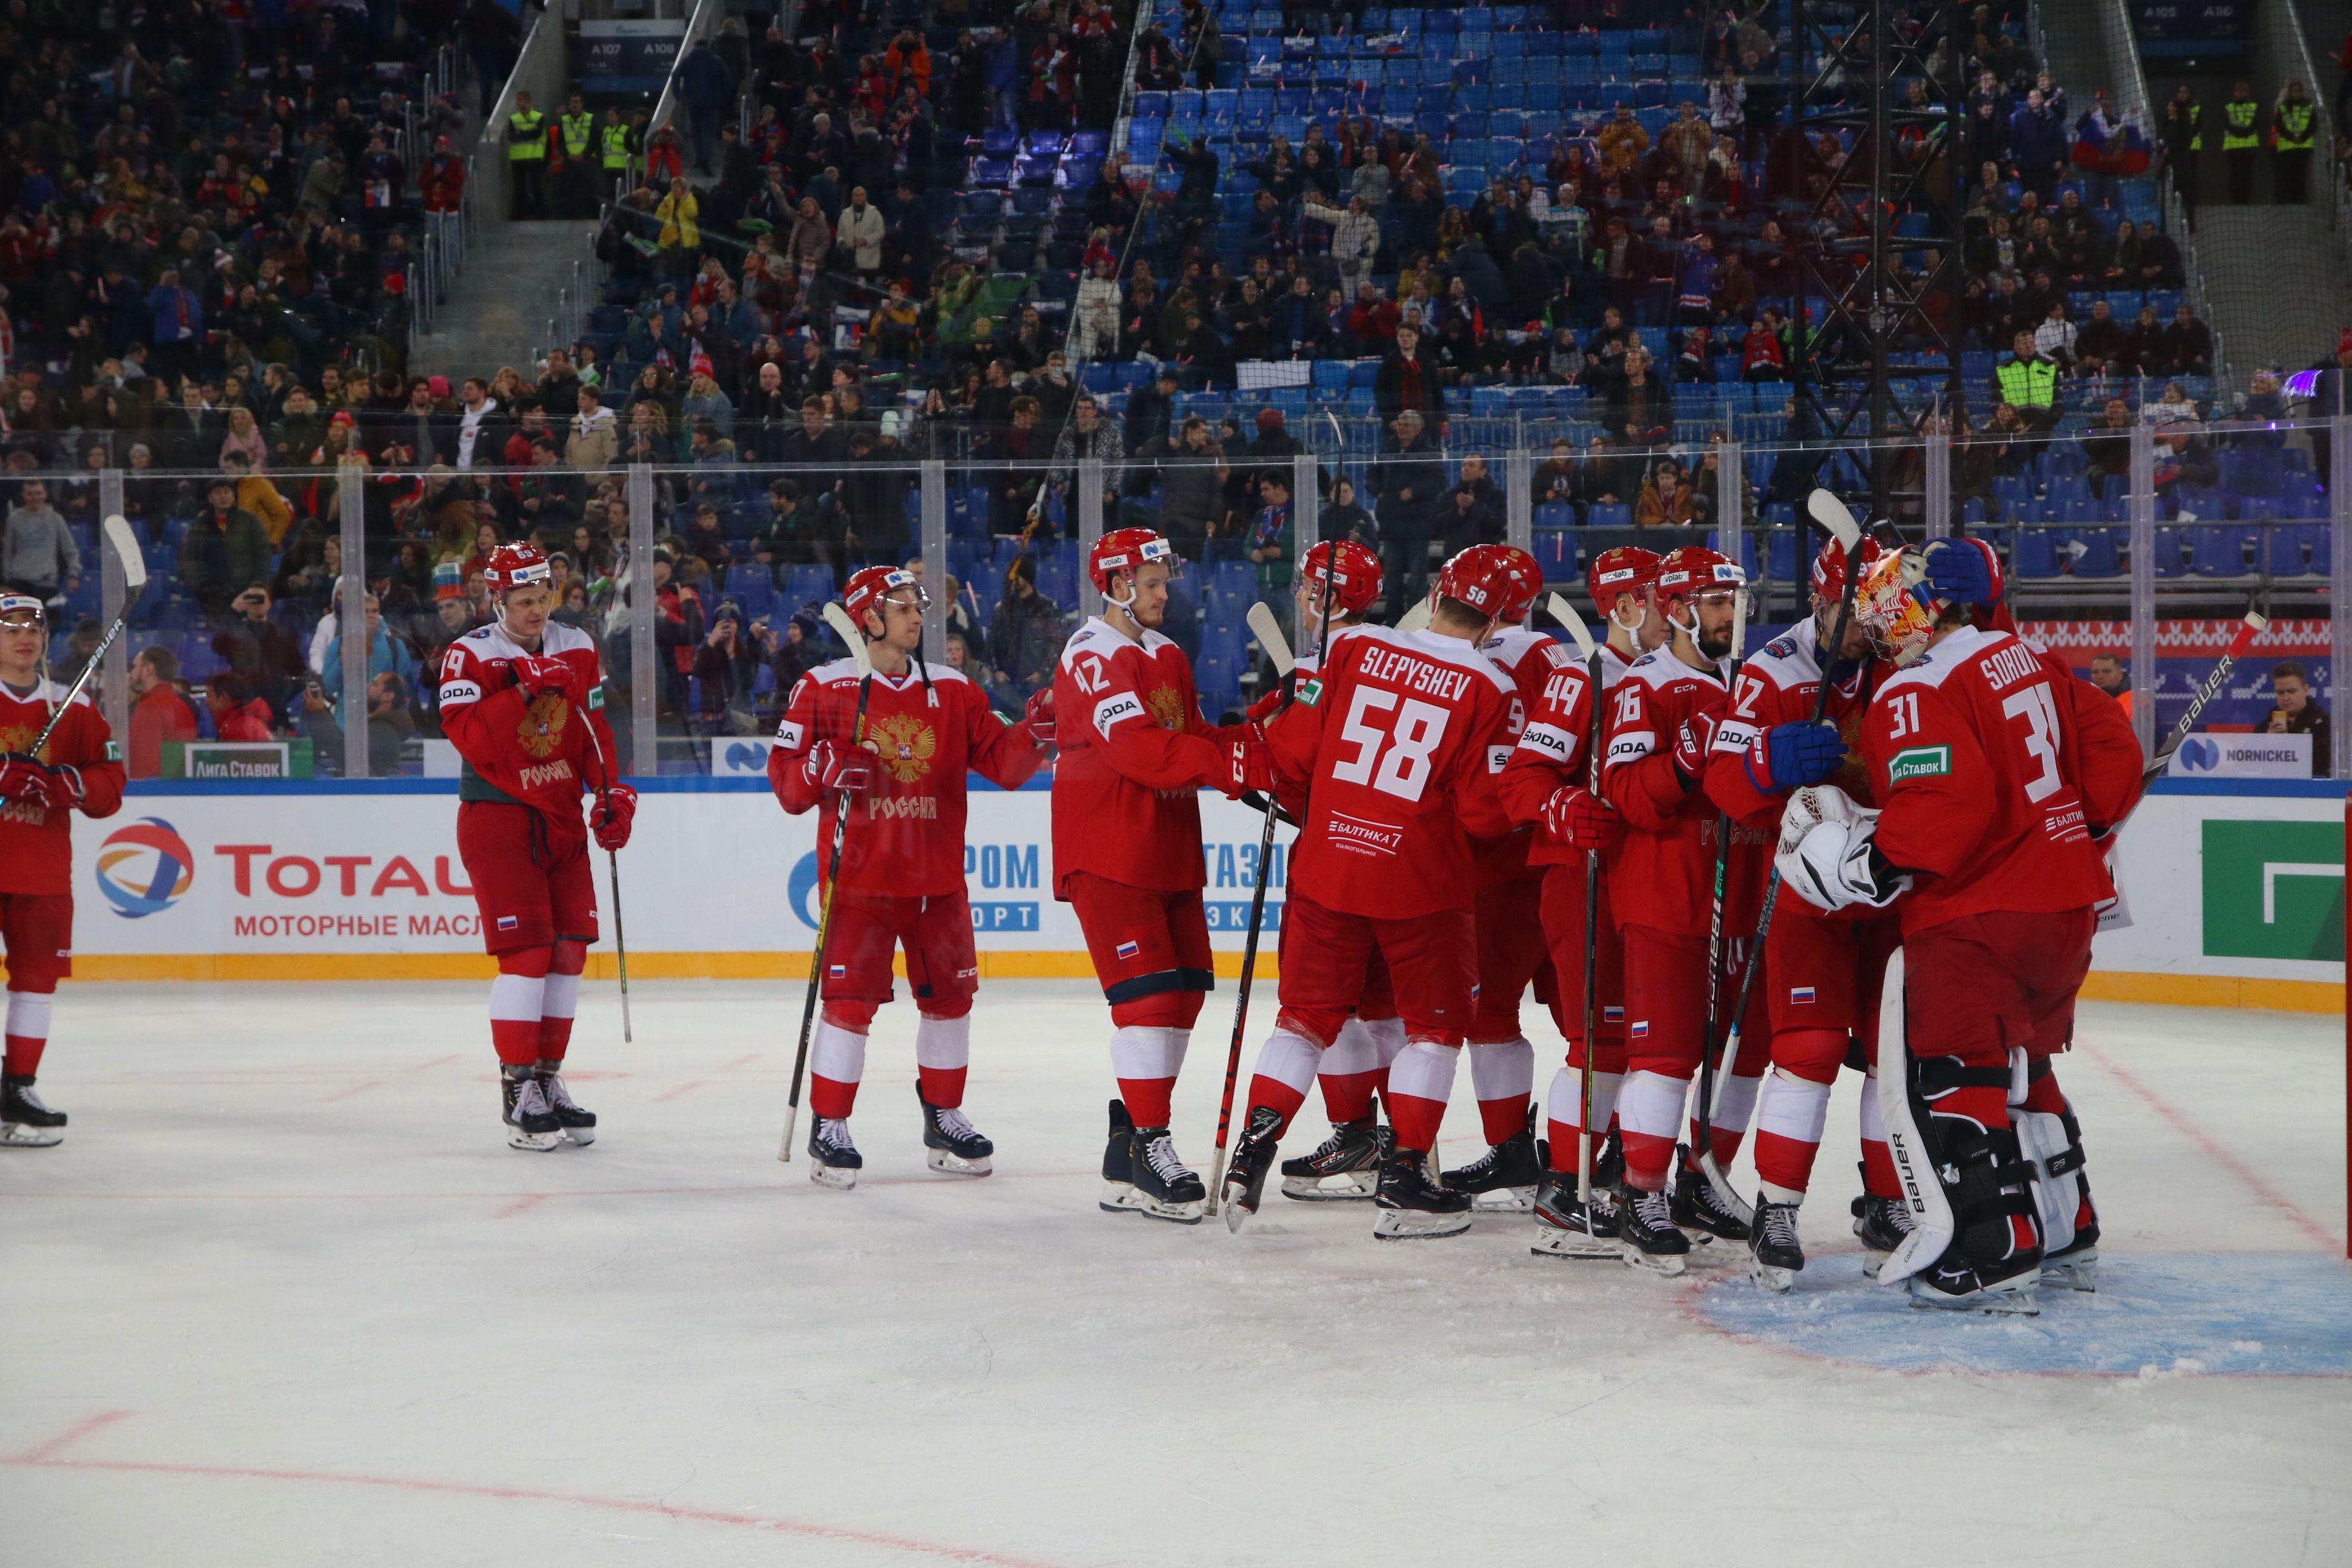 Сборная России по хоккею выступит на ЧМ под флагом ОКР